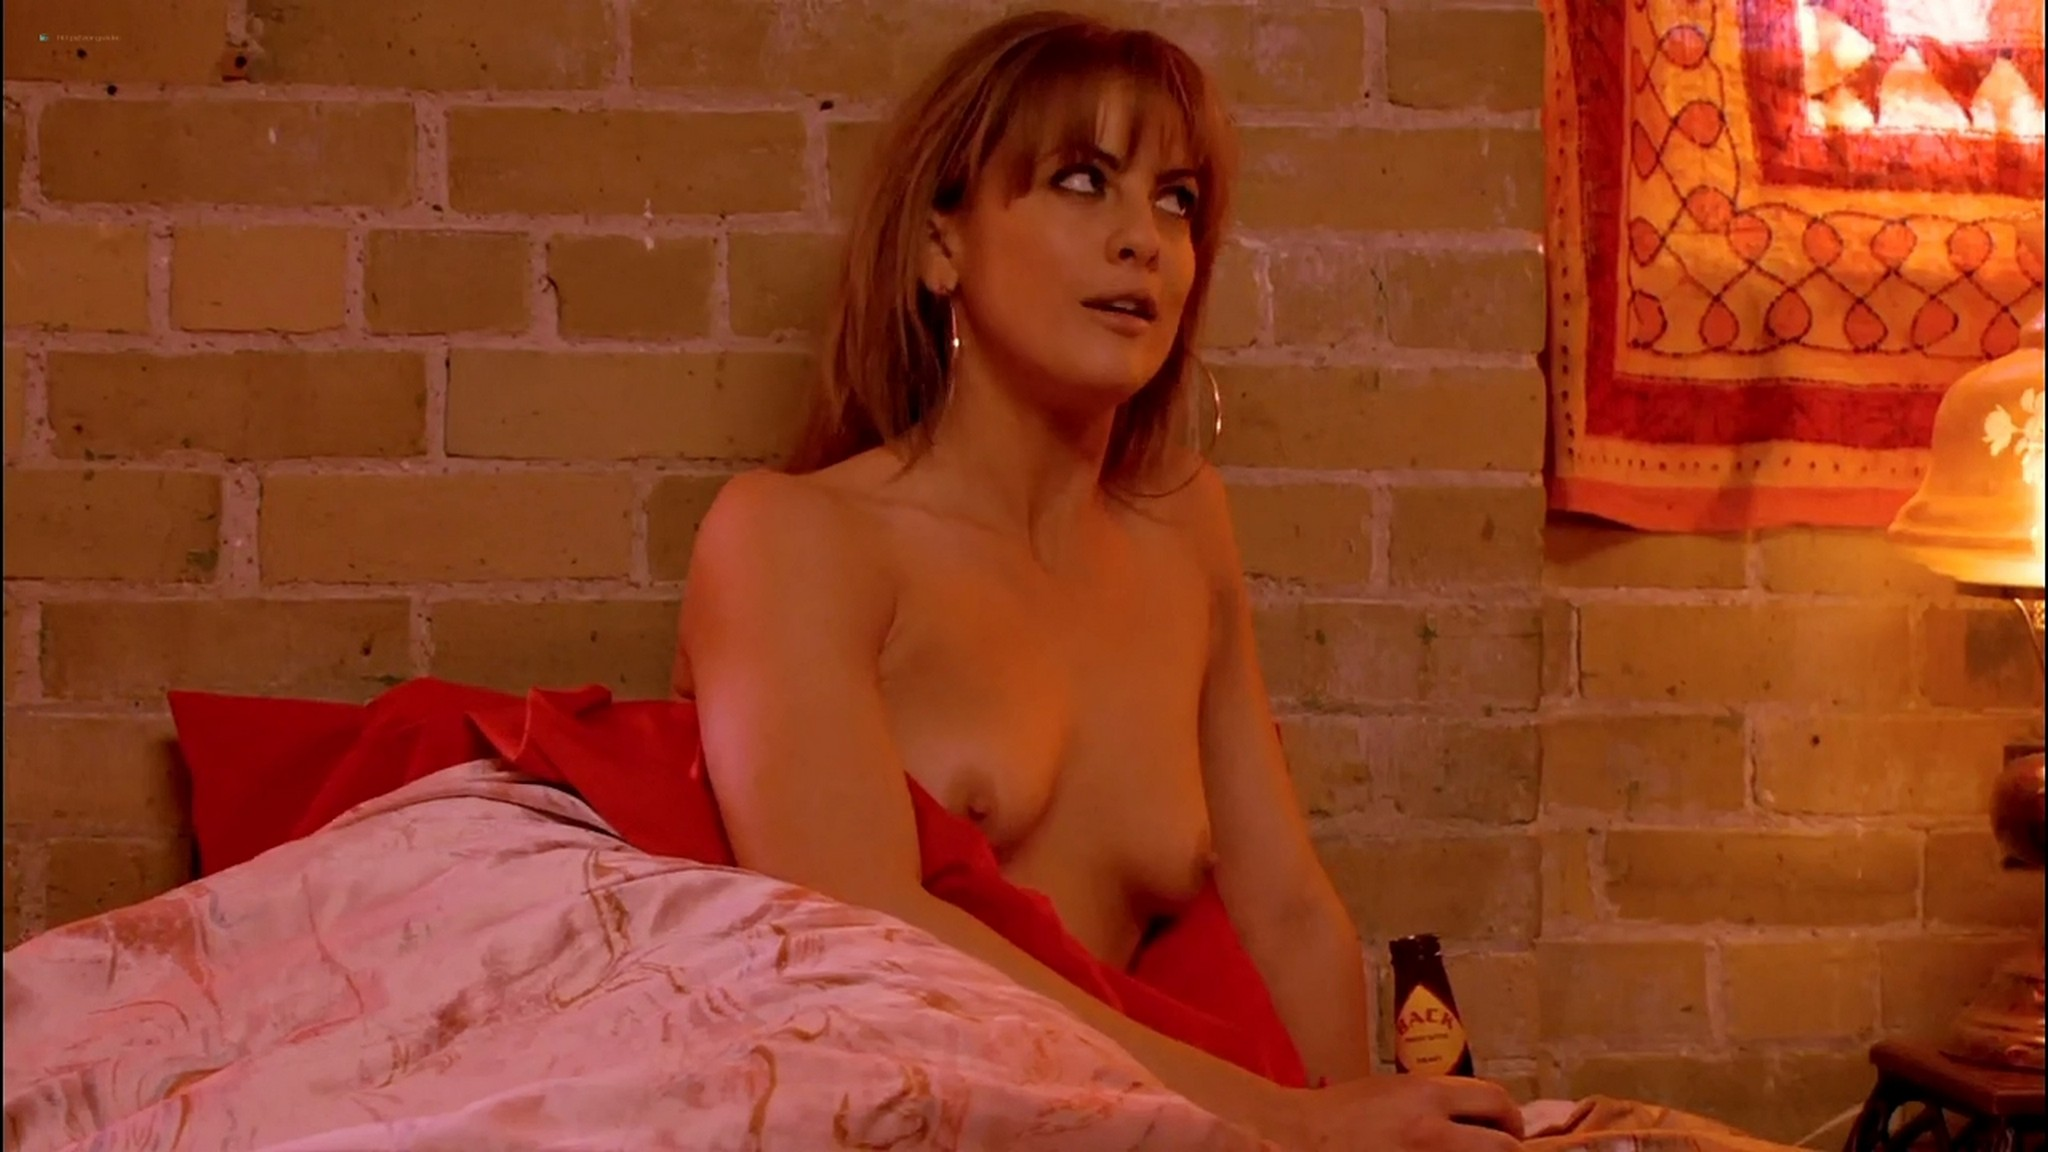 Jennifer Korbin nude sex Lana Tailor, Emily MacLeod nude sex too - Lingerie (2009) s1e1 HD 720p (10)